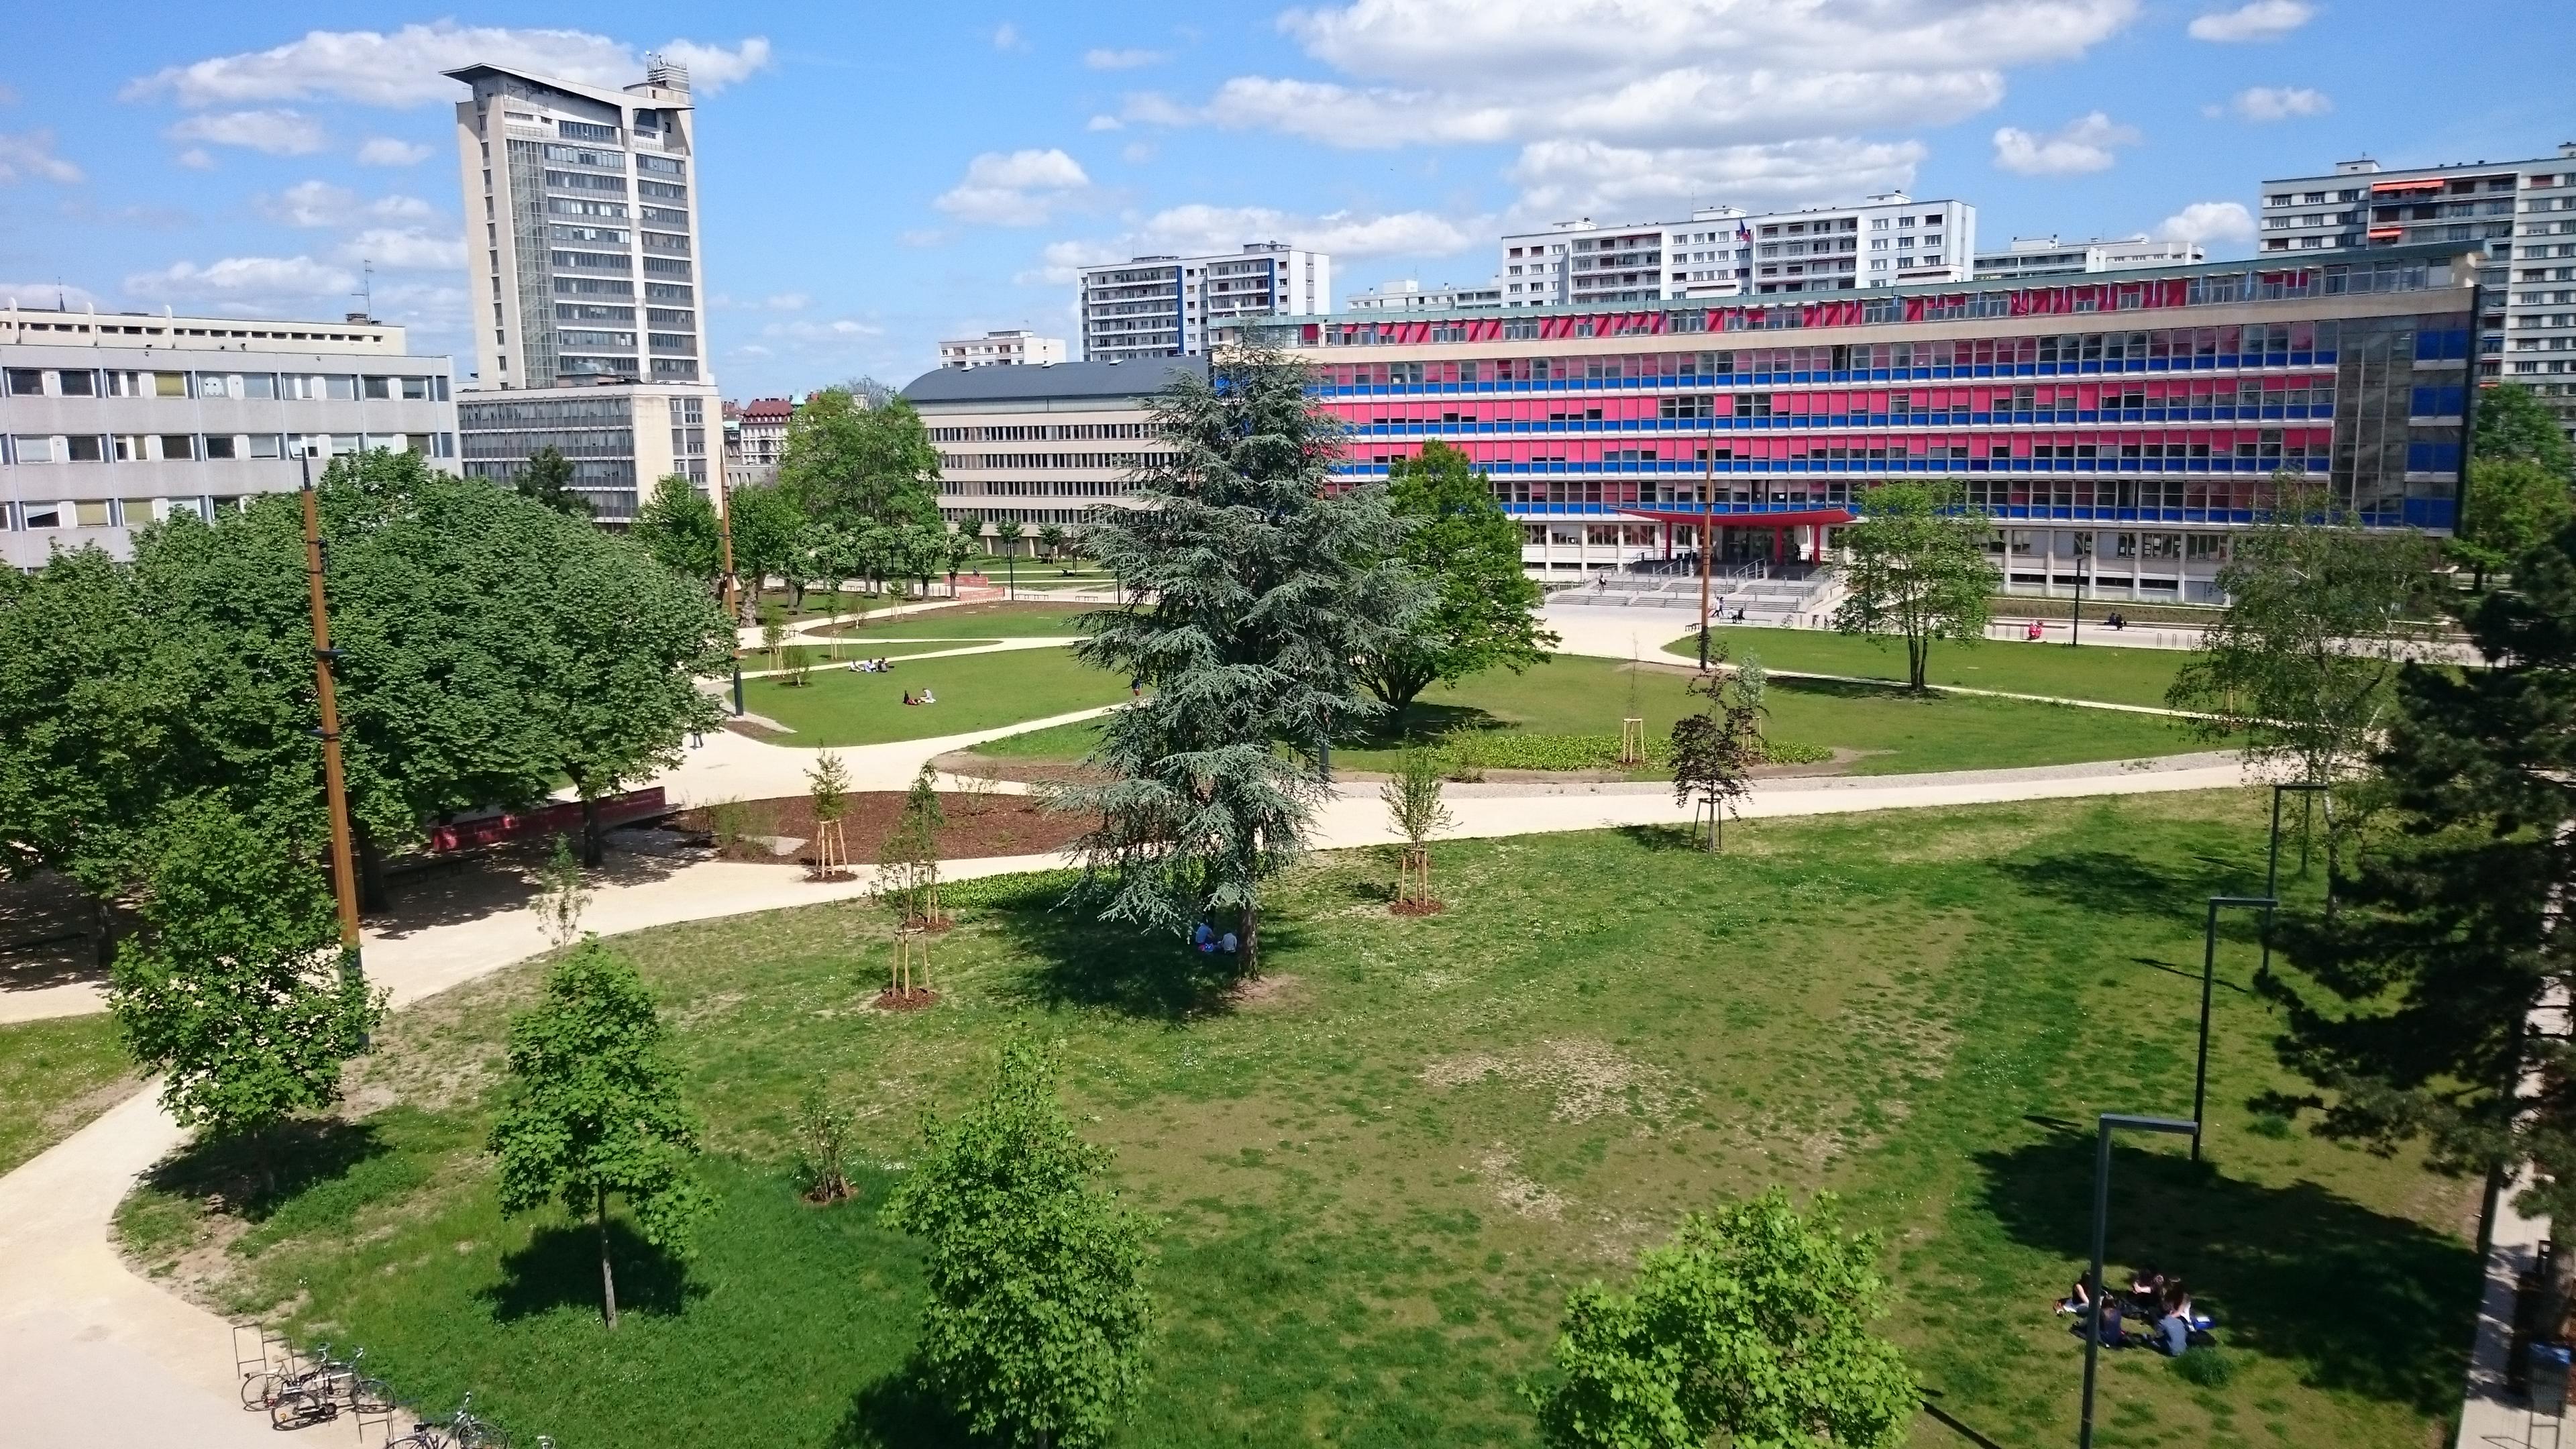 Universit de strasbourg les chantiers en cours for Jardin universitaire